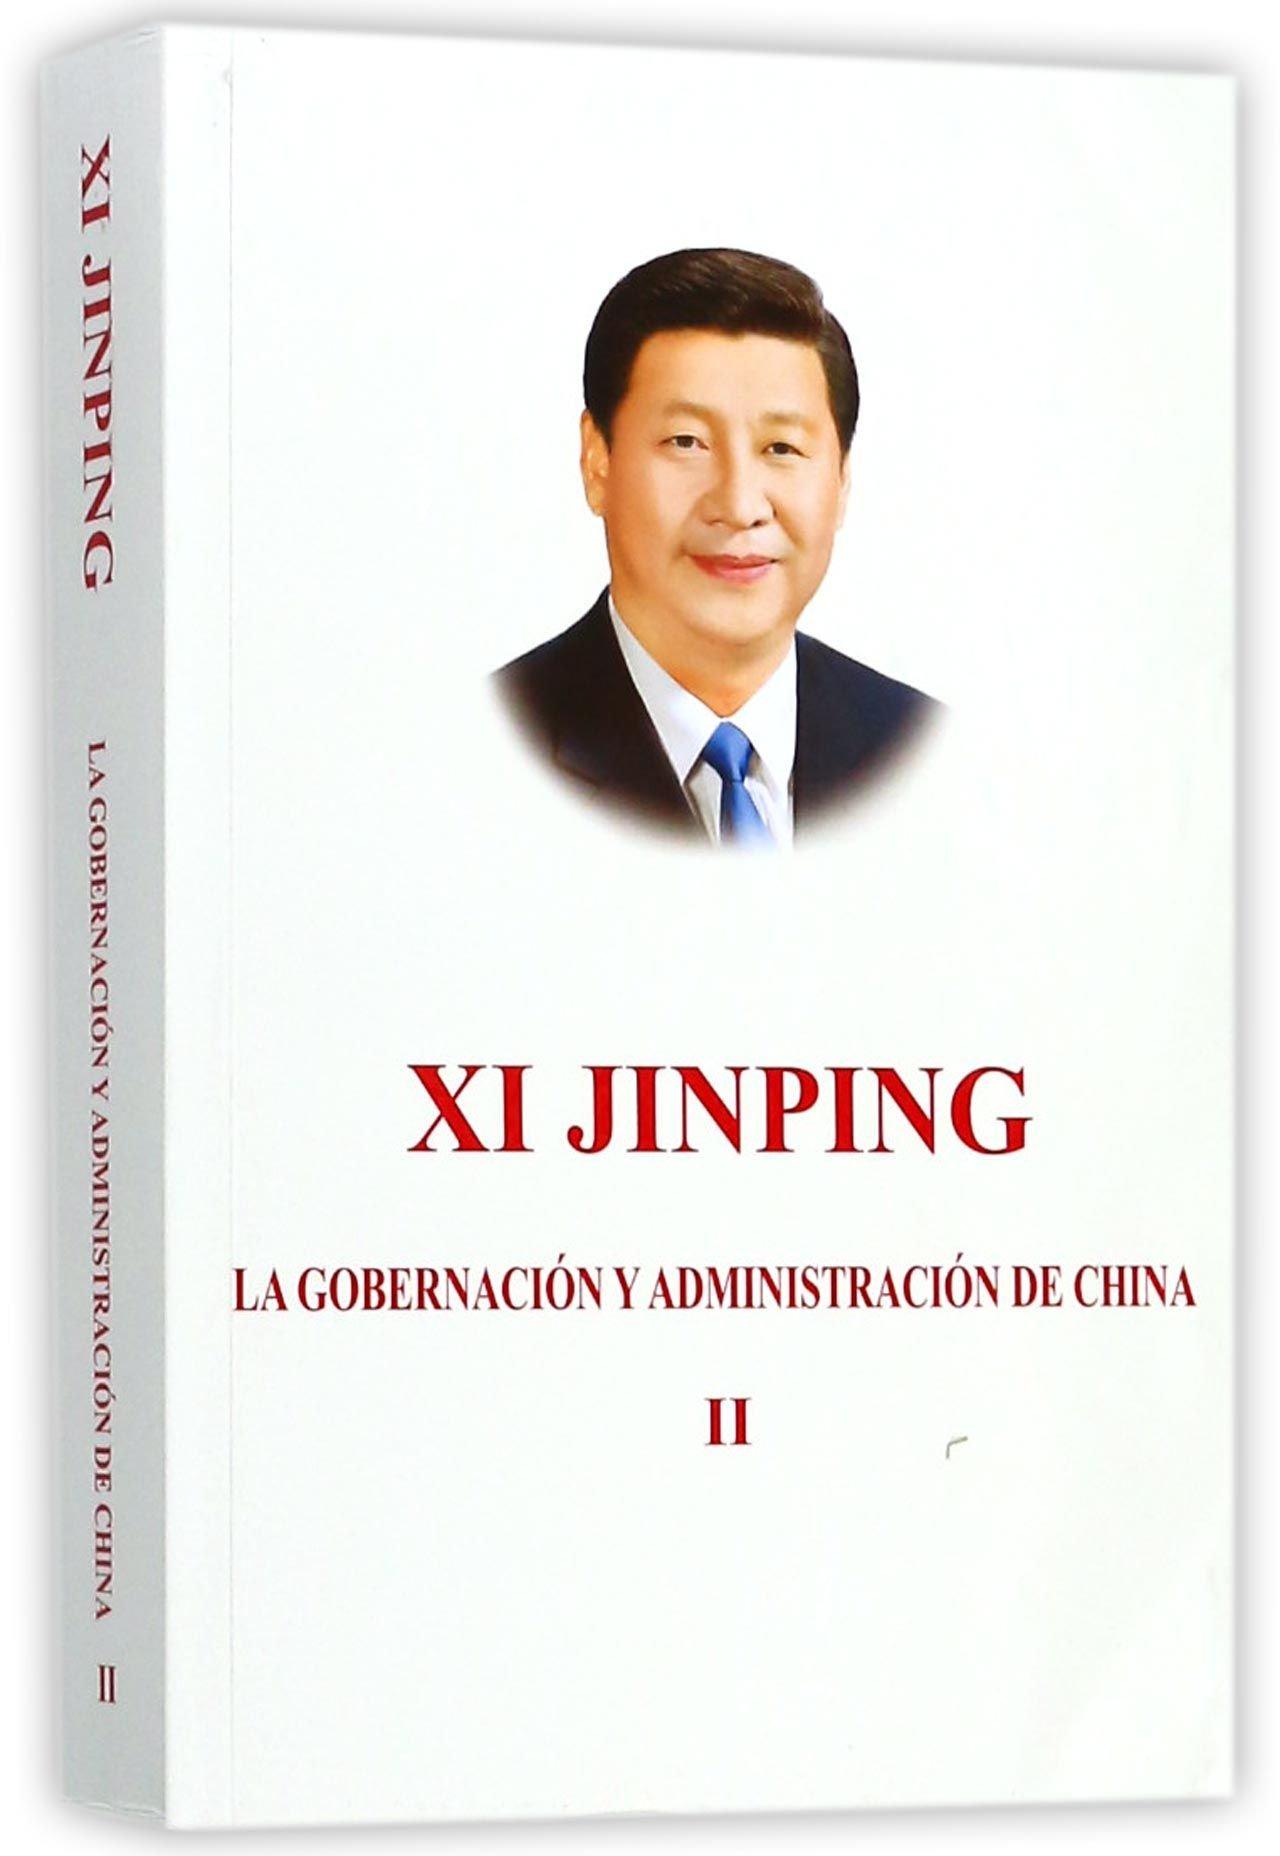 Xi Jinping: The Governance of China (Spanish Edition): Xi Jinping:  9787119111698: Amazon.com: Books